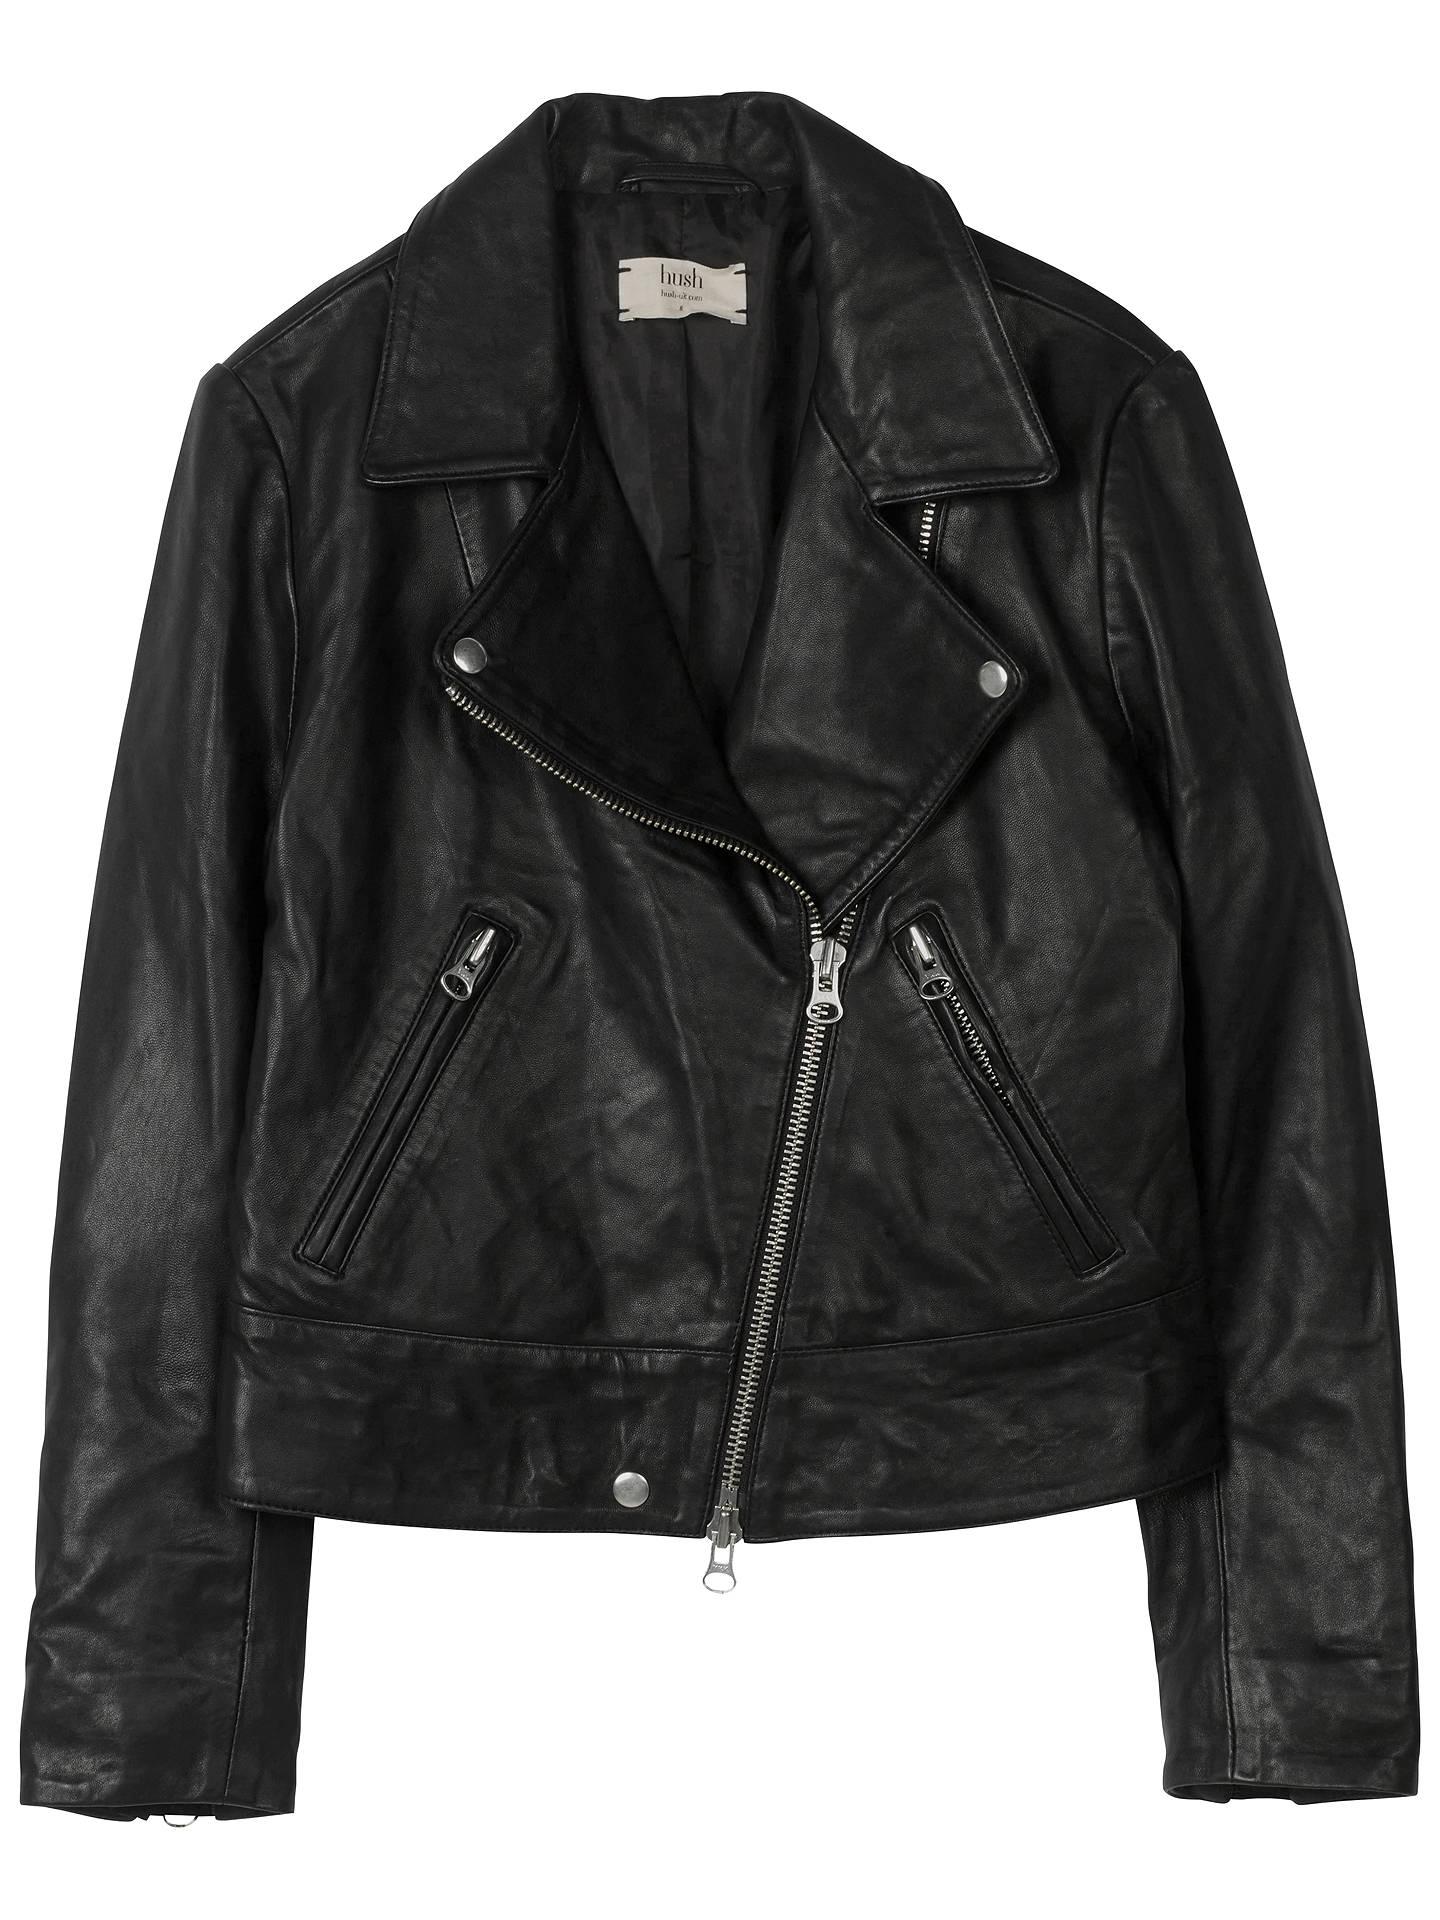 074198bf0 hush Onyx Leather Jacket, Black at John Lewis & Partners